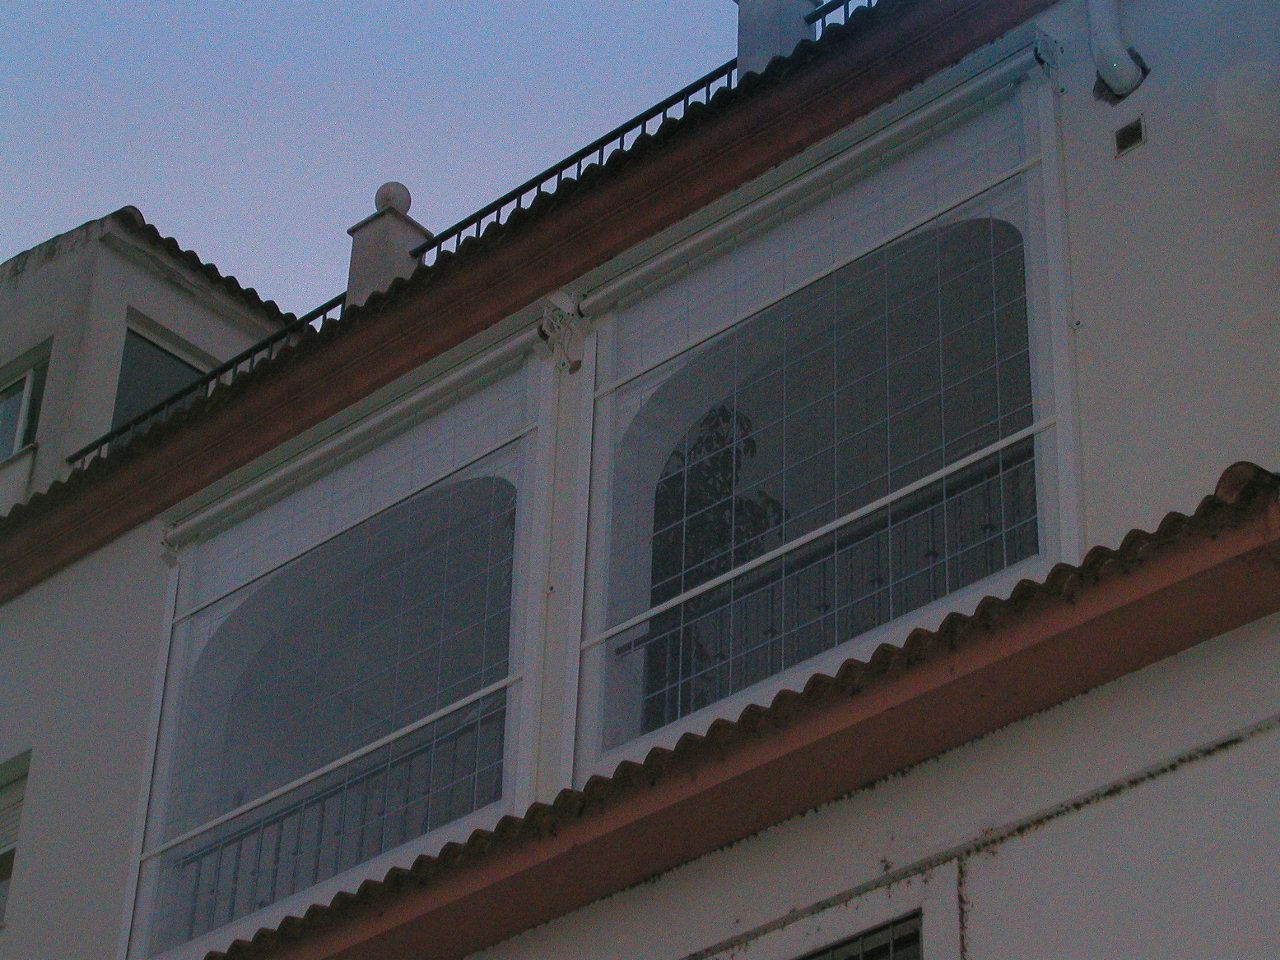 Mantenimiento de toldos en Sevilla